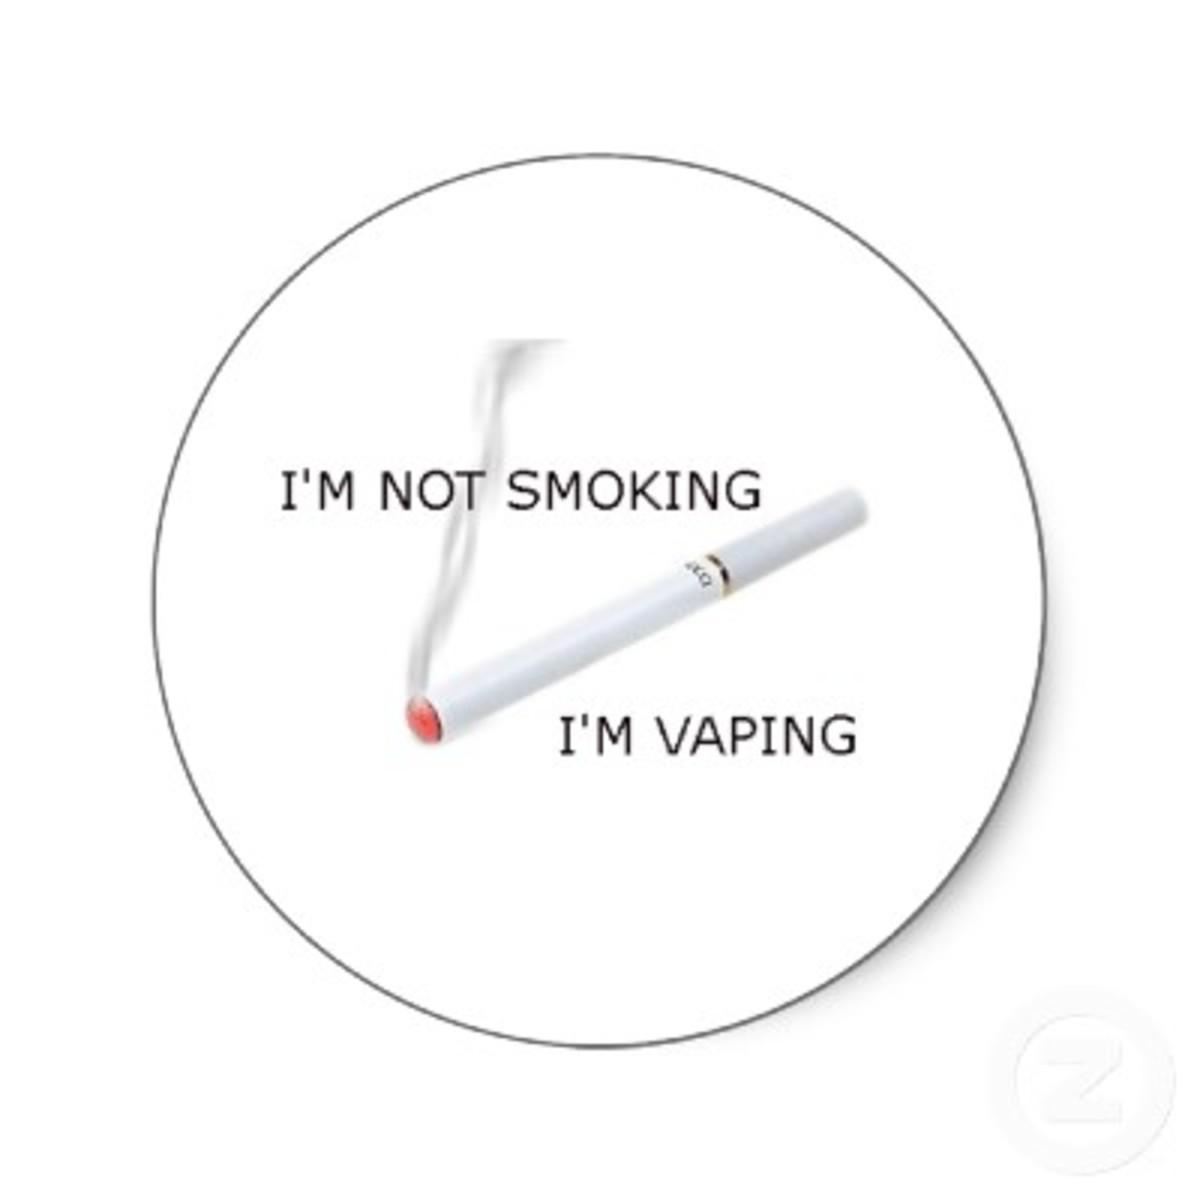 Smoking vs. vaping...